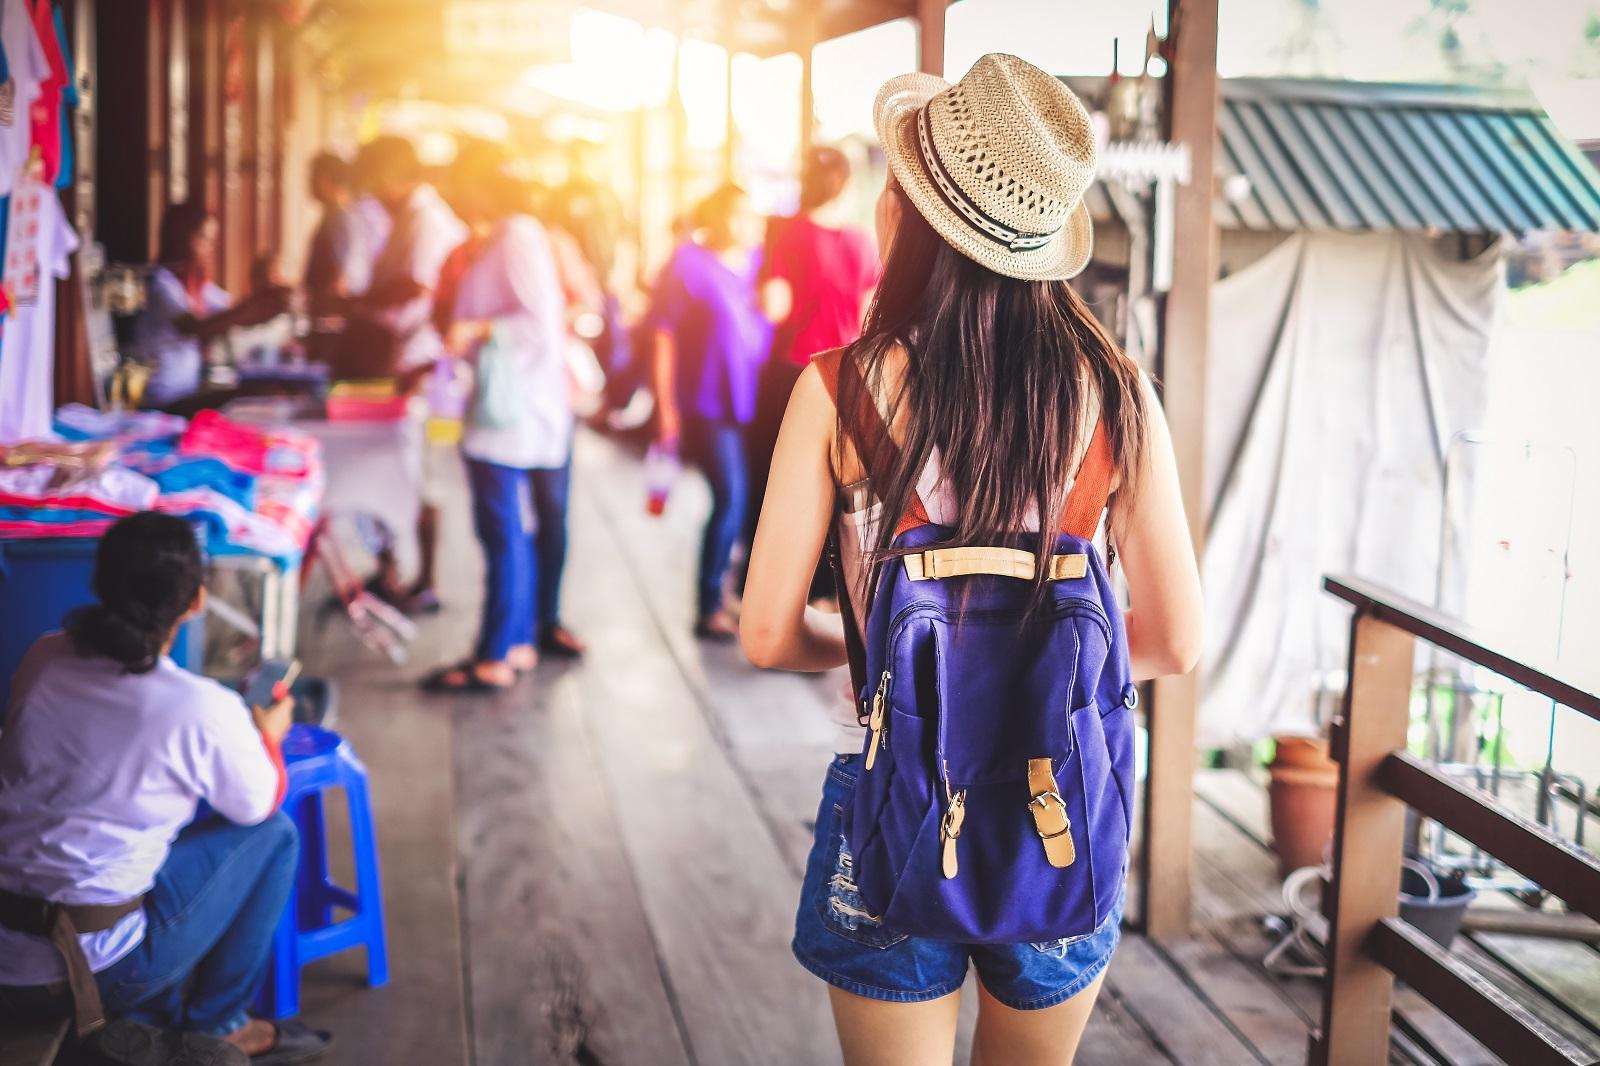 女性獨自旅行該去哪?20個國家最危險、這國被評亞洲最安全